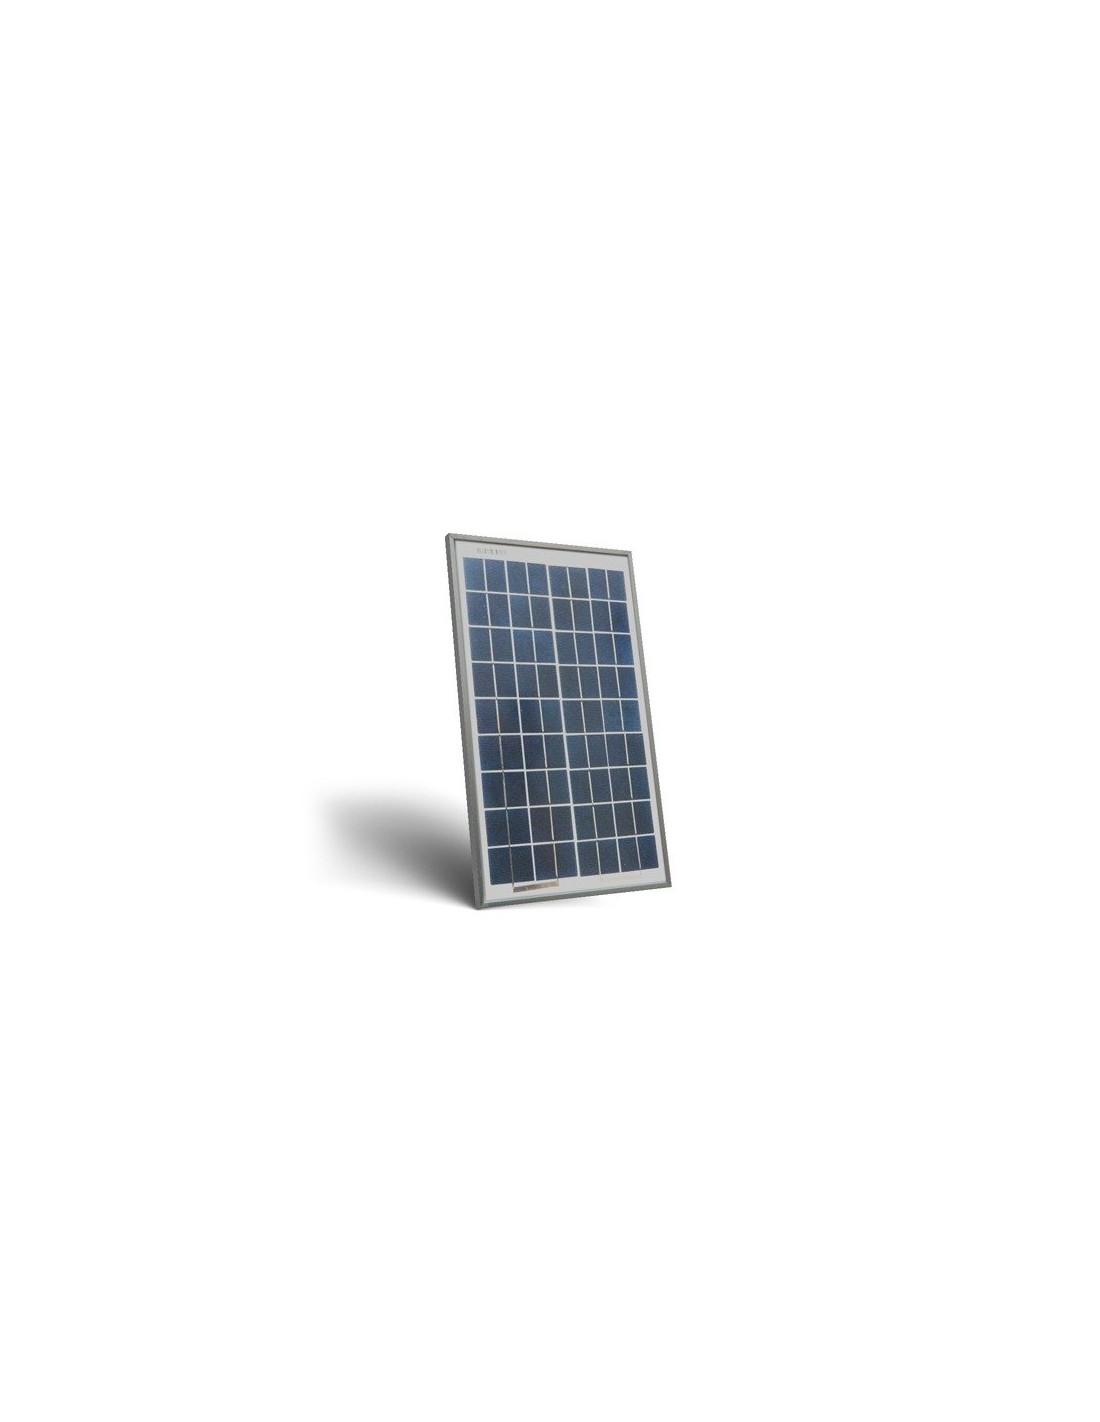 panneau solaire photovoltaique 10w 12v polycristallin. Black Bedroom Furniture Sets. Home Design Ideas